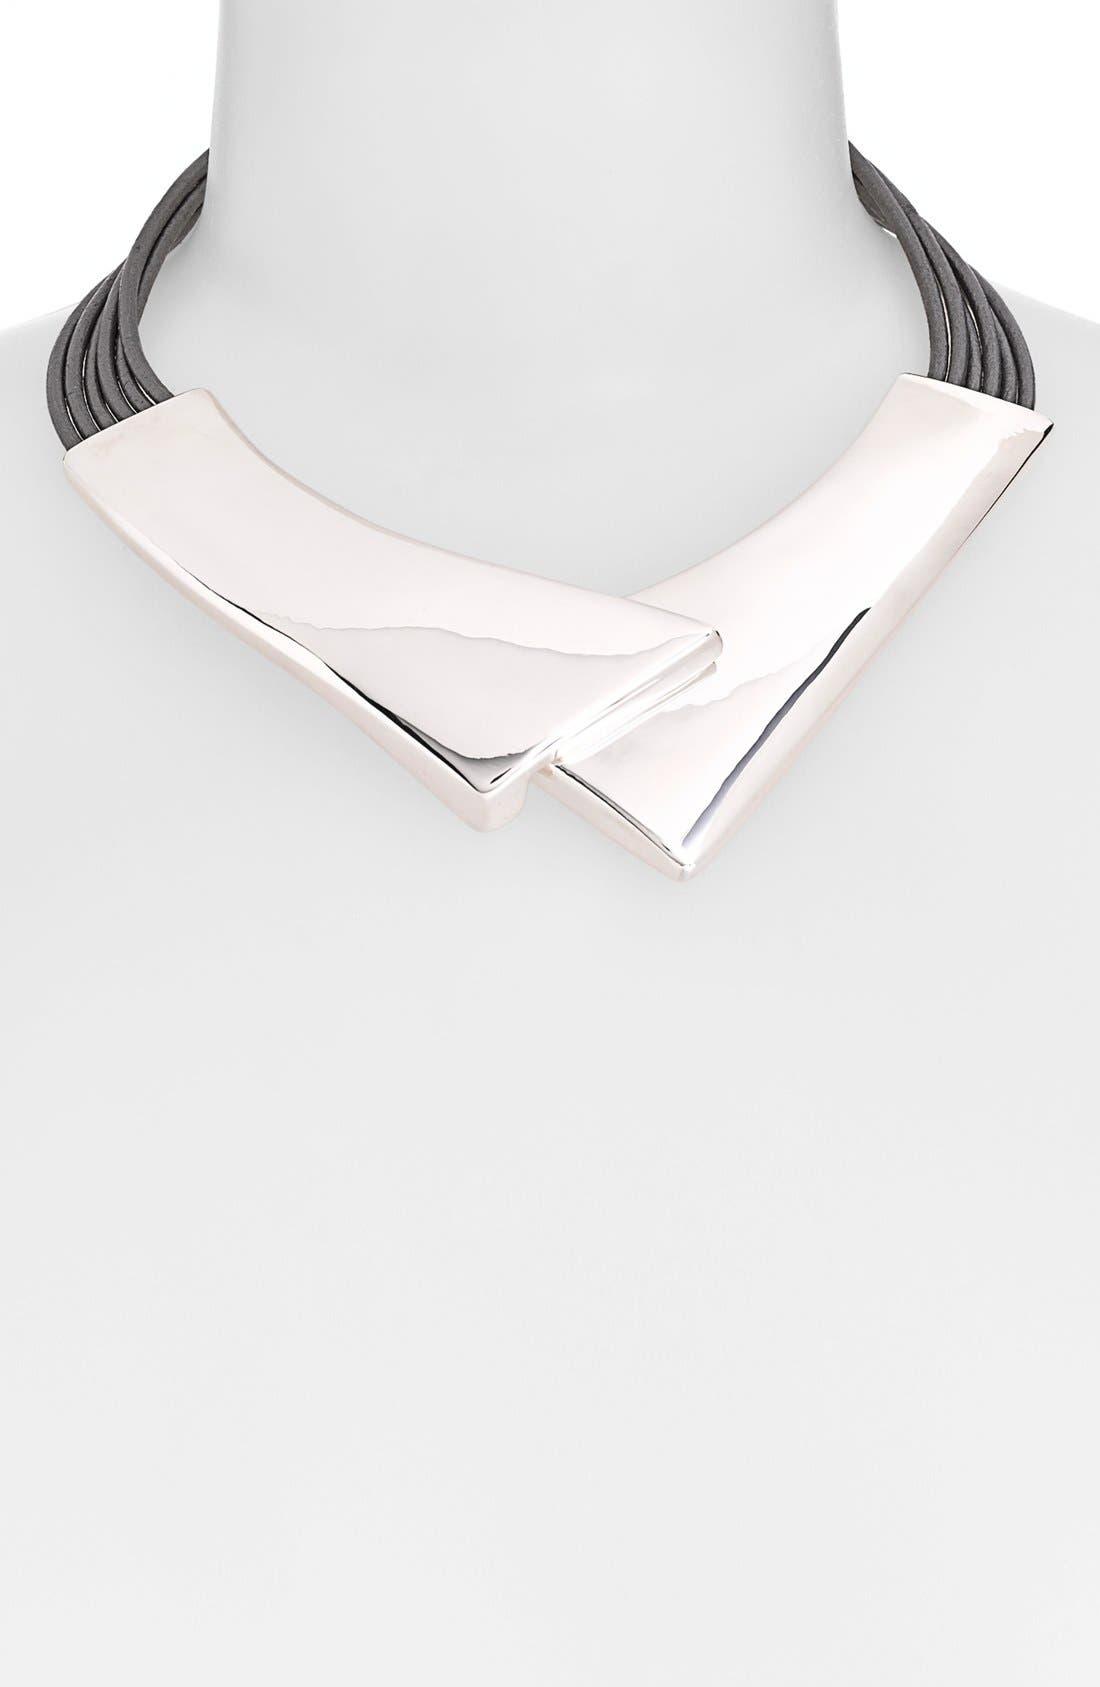 Main Image - Simon Sebbag 'Black & Silver' Collar Necklace